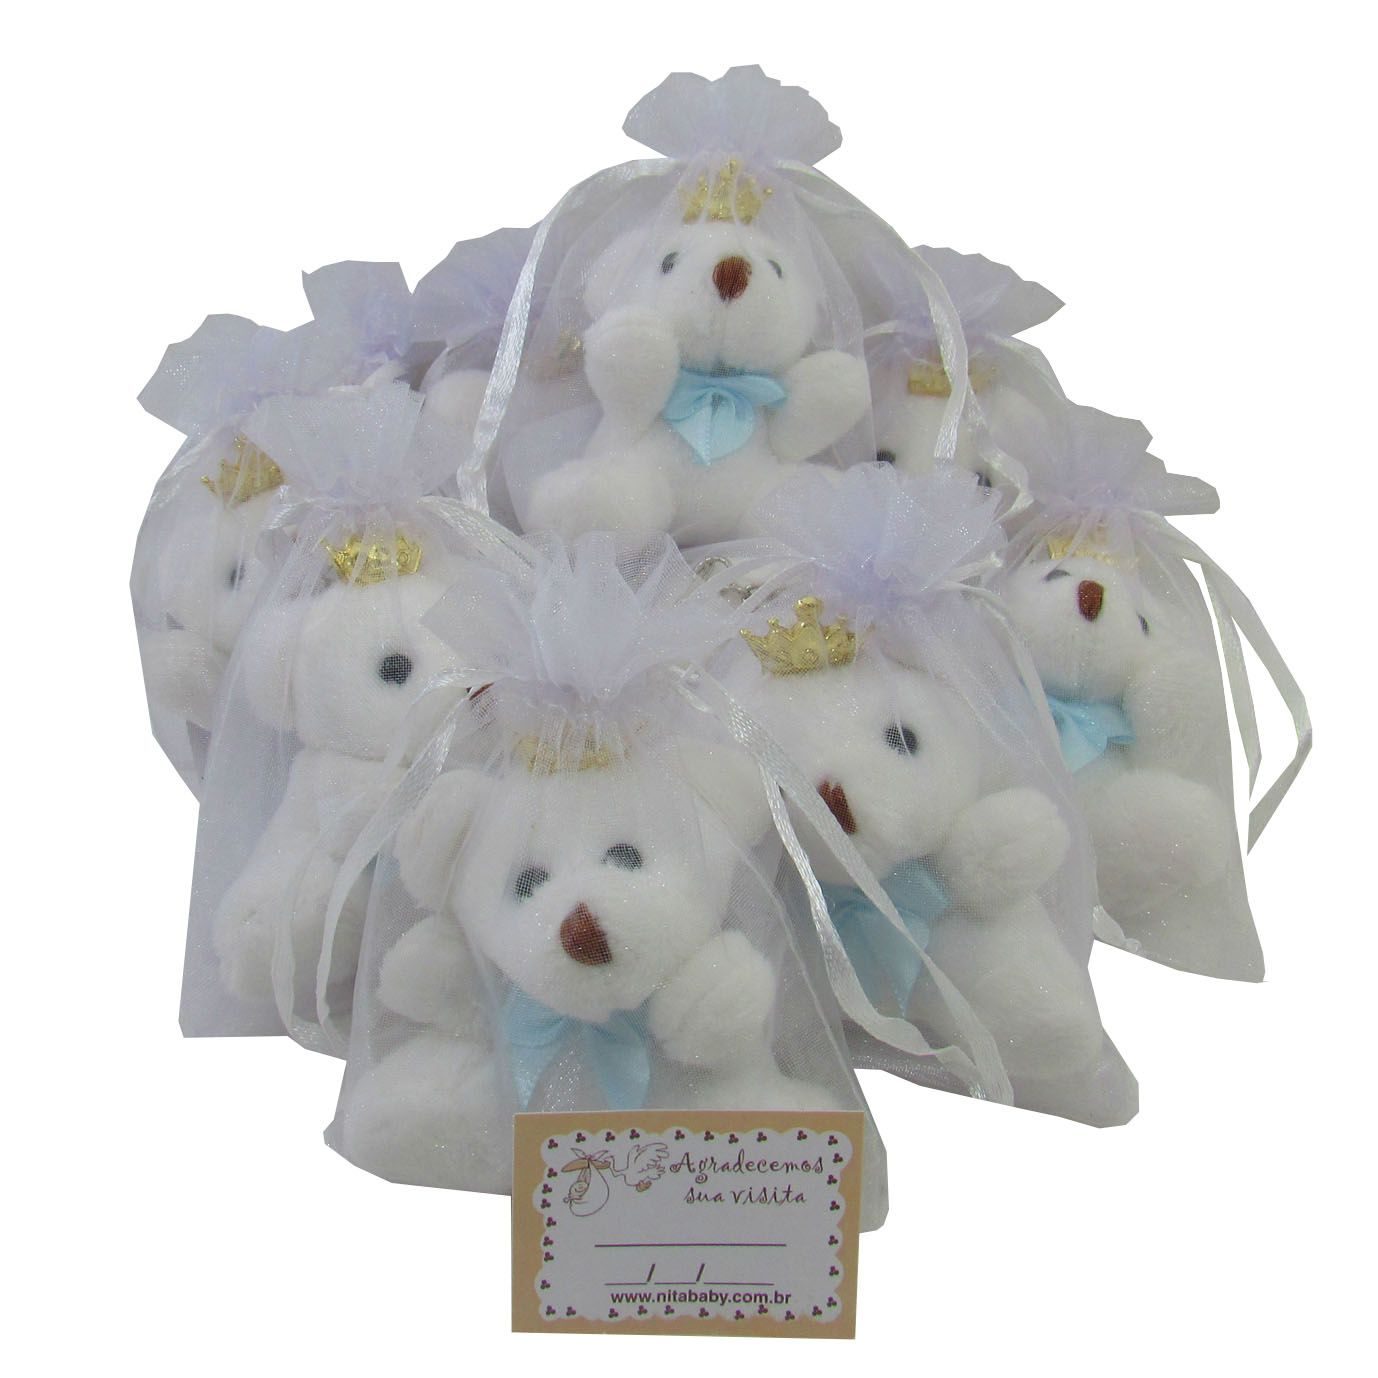 Lembrancinha Chaveiro Urso - Branco com Laço Azul Claro e Acompanha Organza